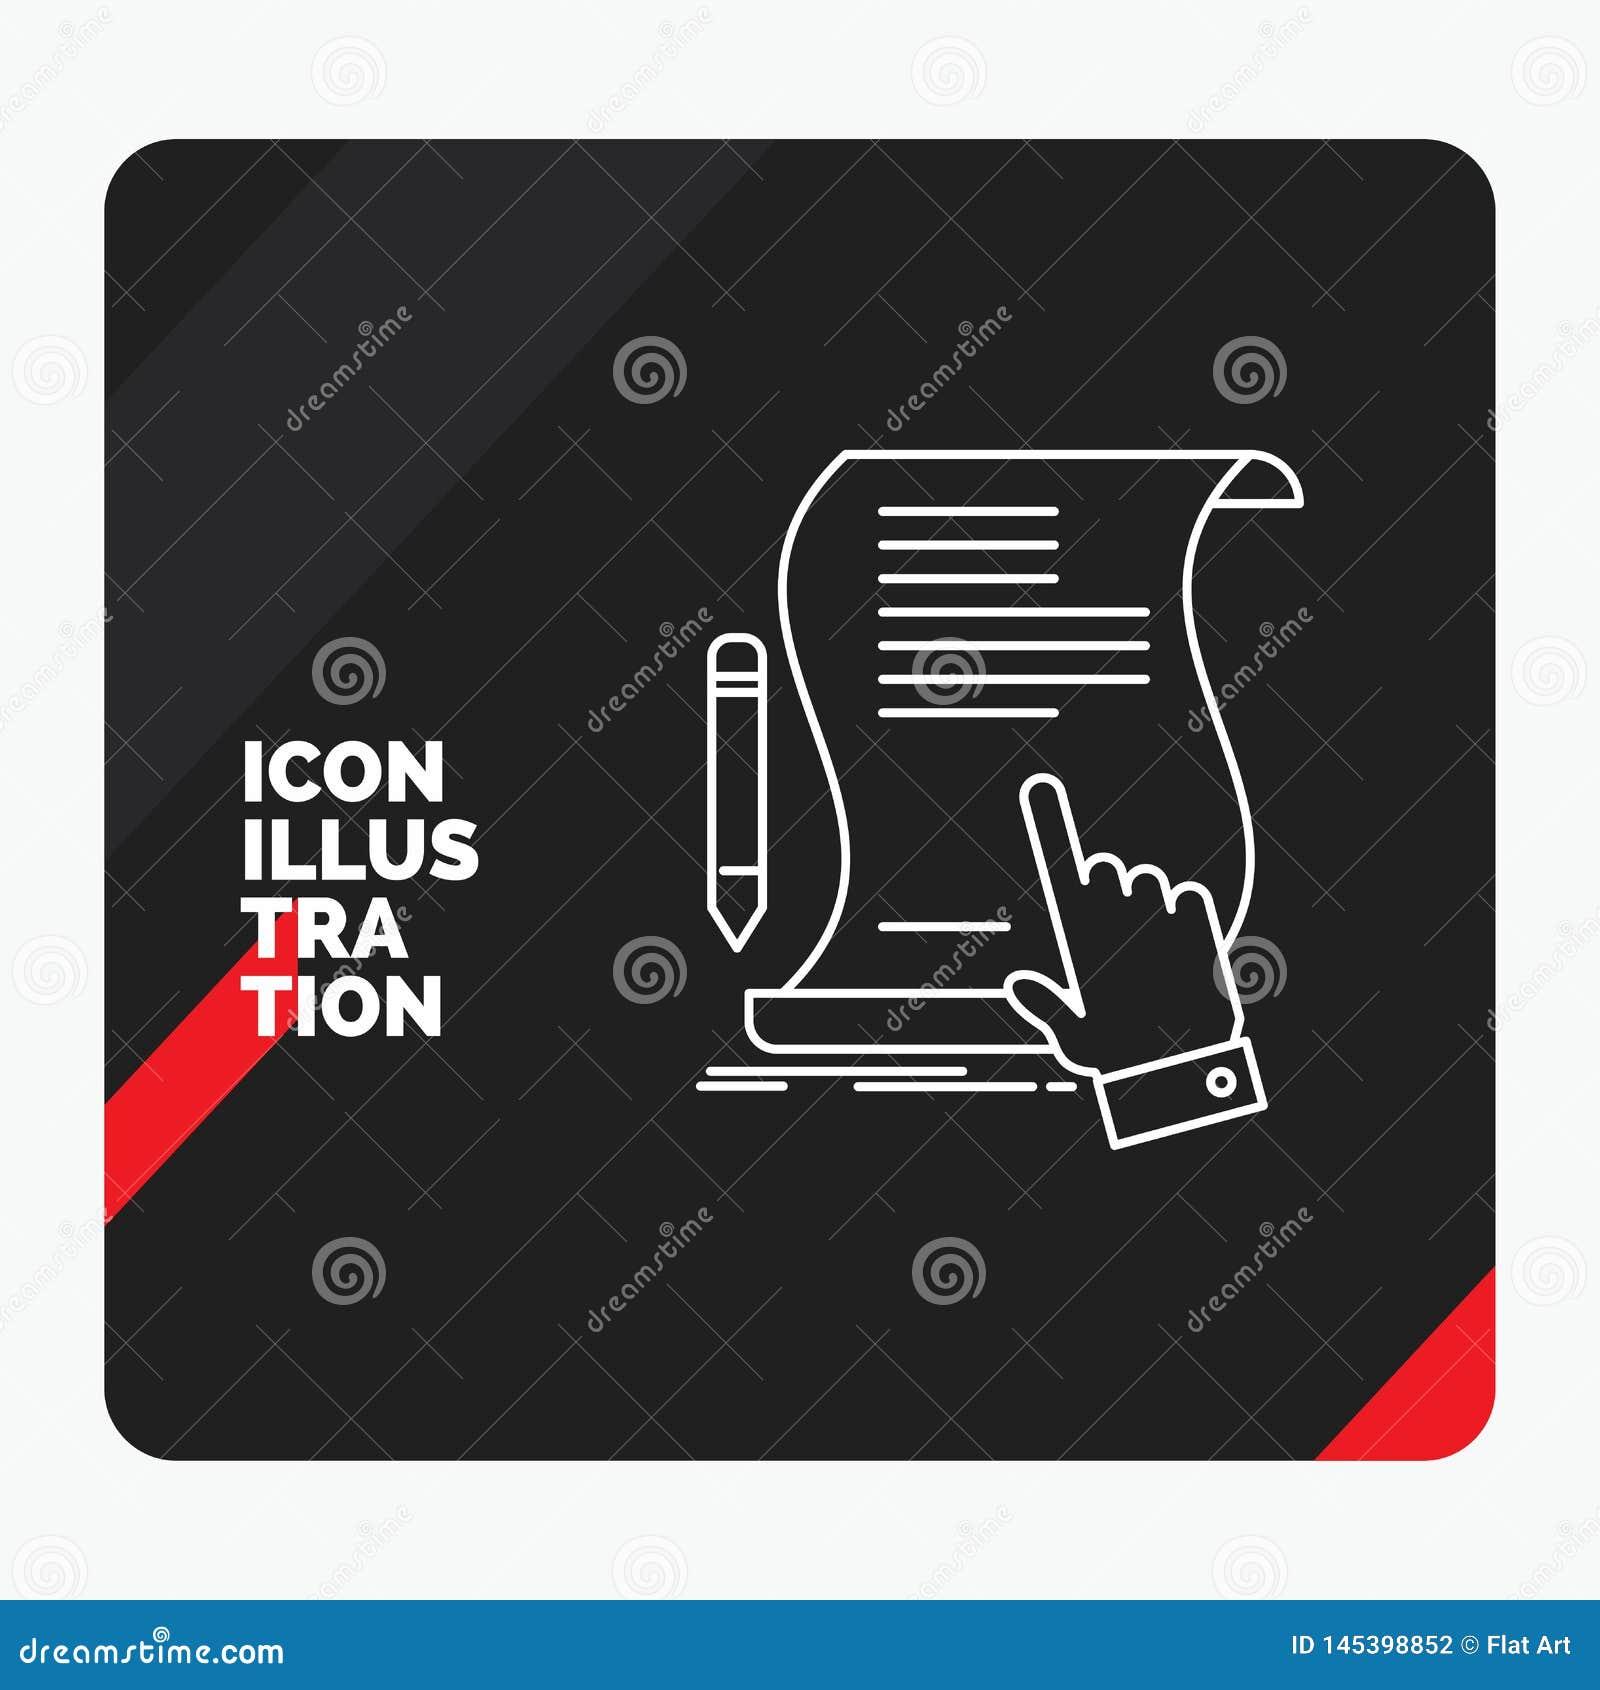 Czerwony i Czarny Kreatywnie prezentacji tło dla kontrakta, dokument, papier, znak, zgoda, zastosowanie Kreskowa ikona